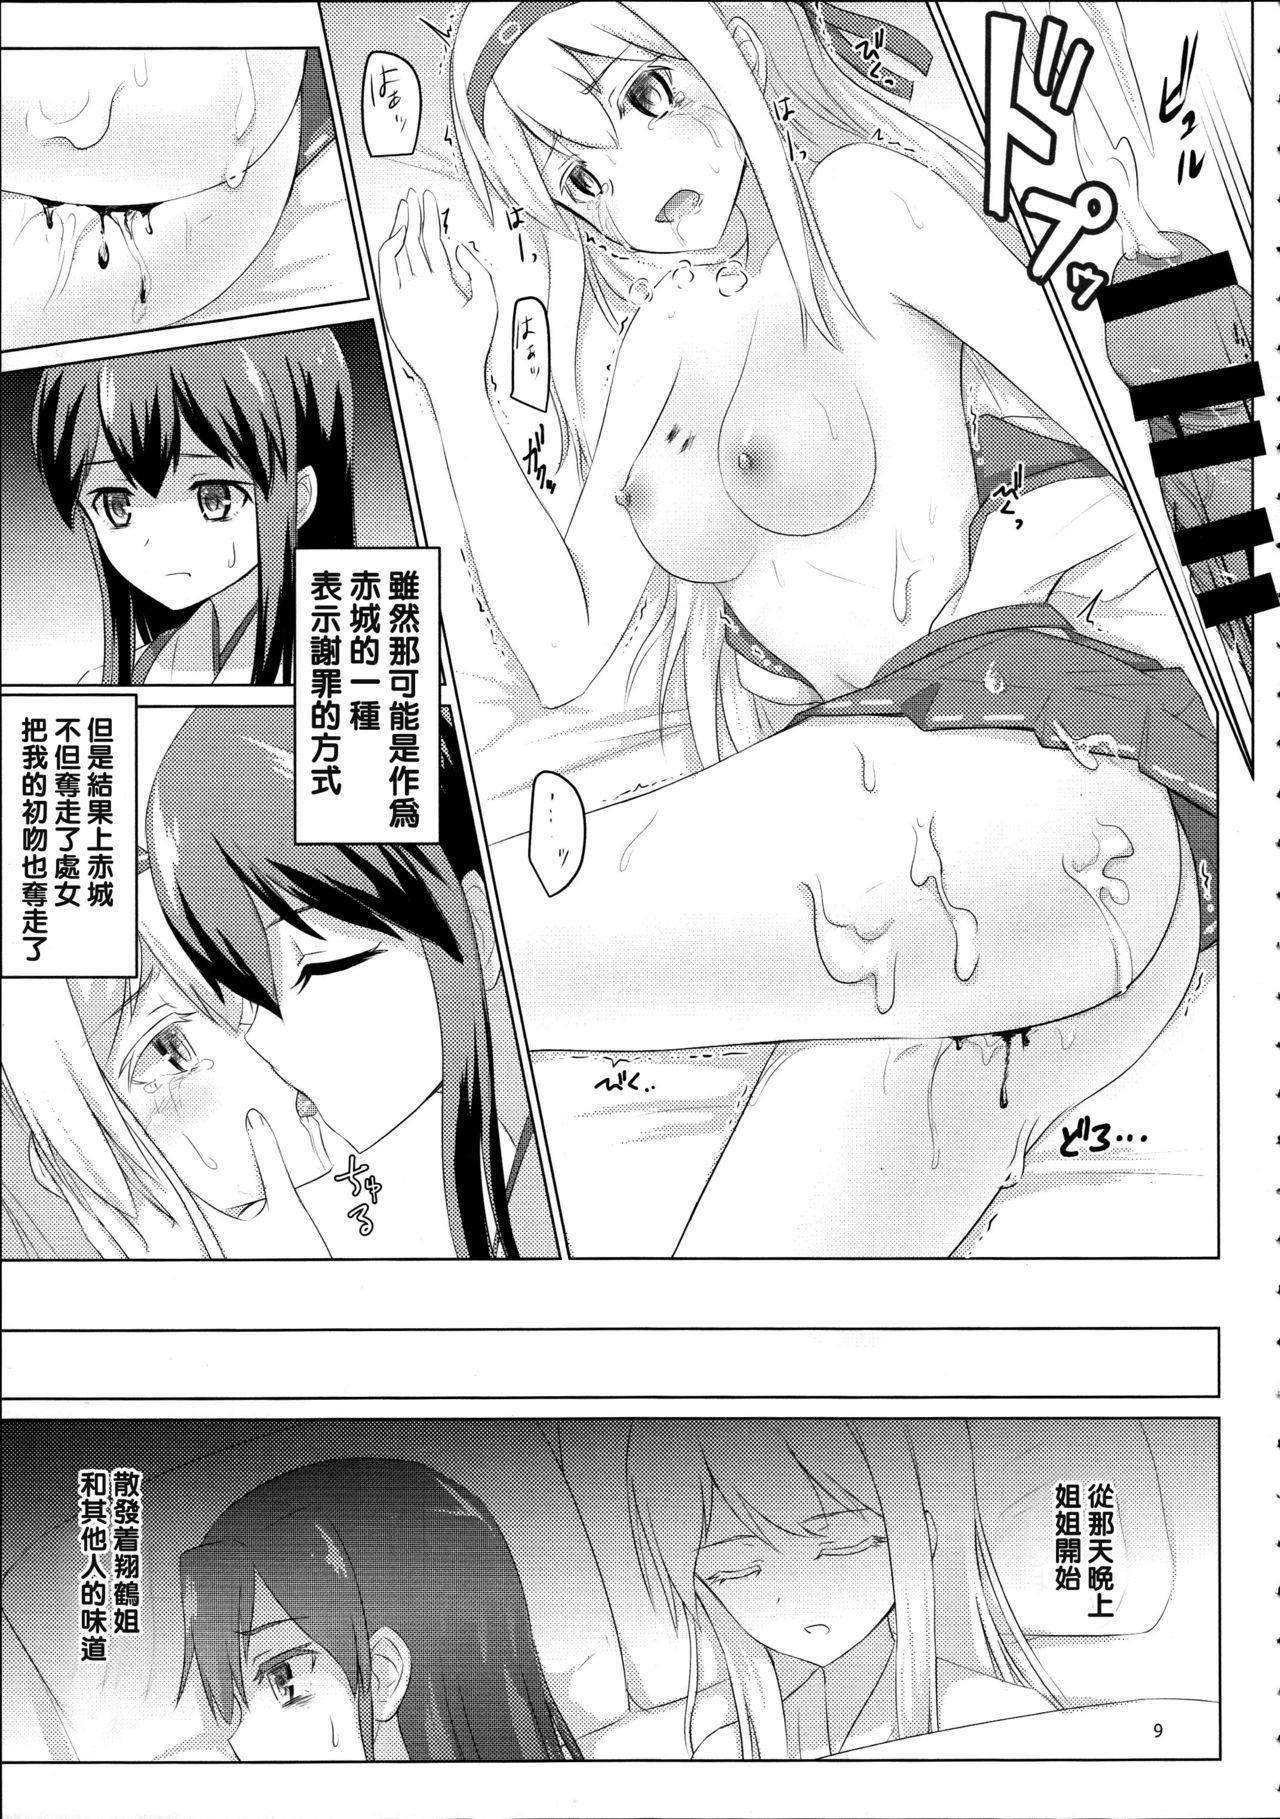 Shoukaku-nee ga Kanmusu o Ian suru Hanashi 8